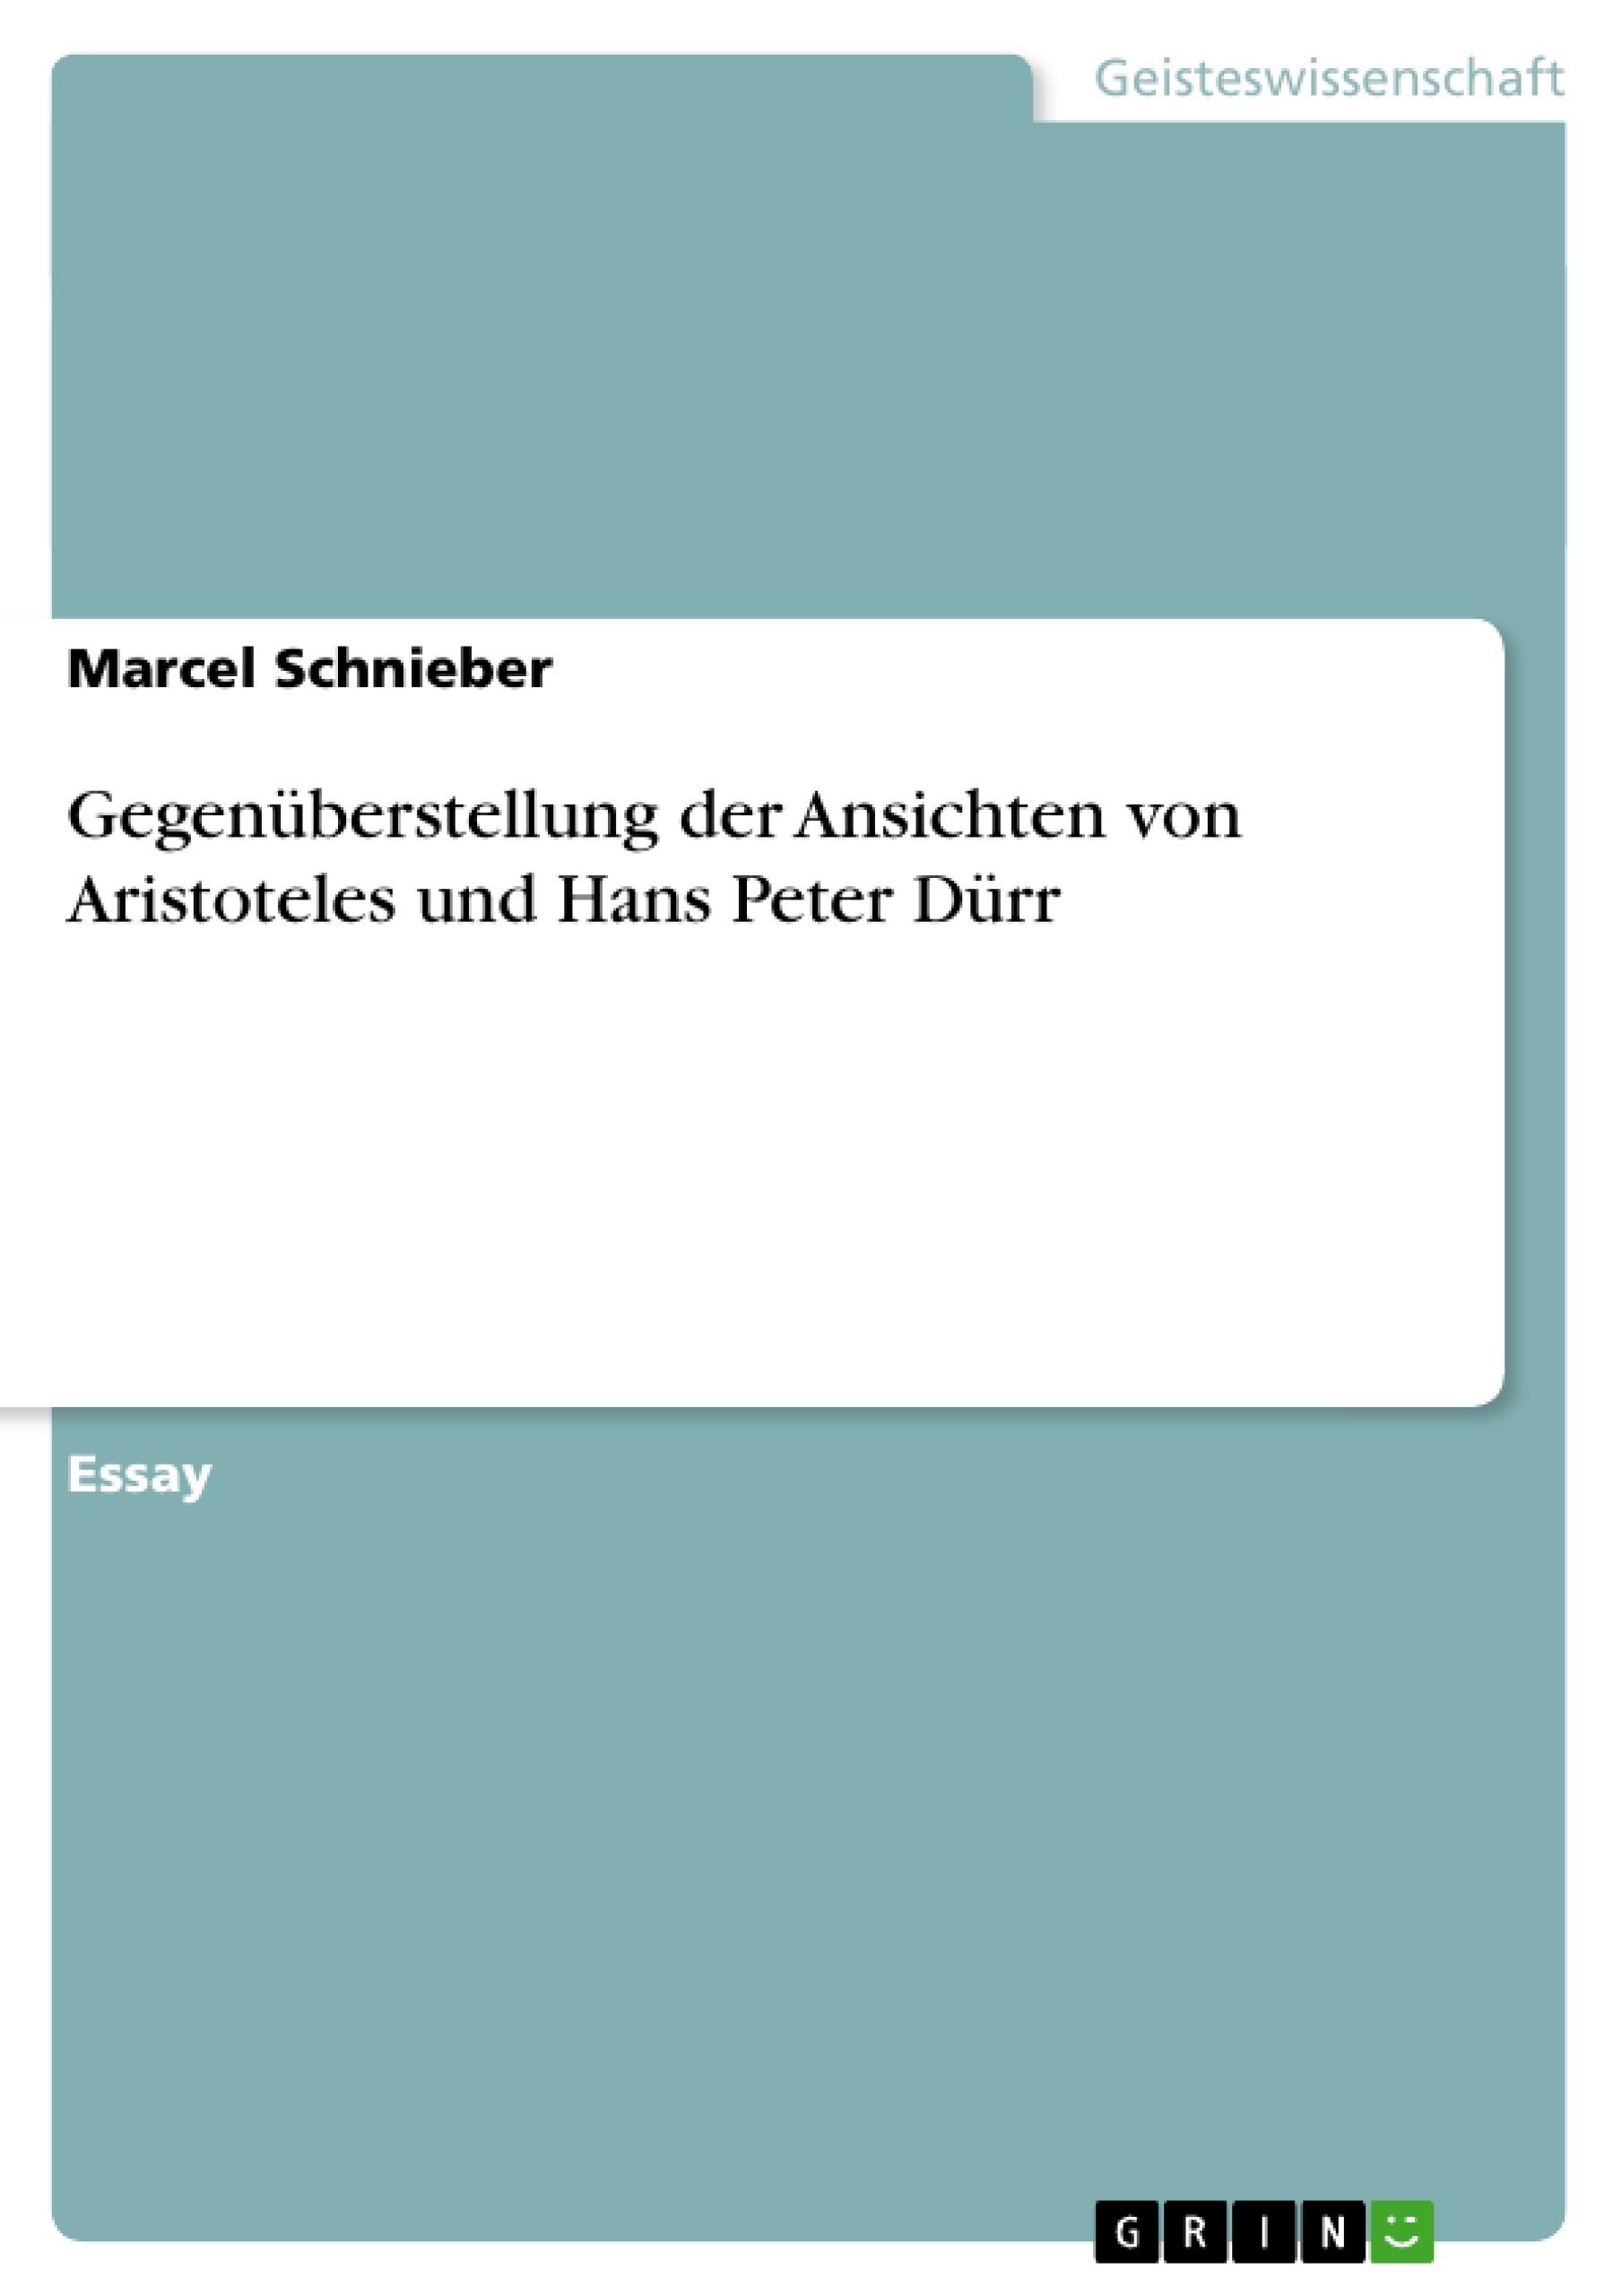 Titel: Gegenüberstellung der Ansichten von Aristoteles und Hans Peter Dürr